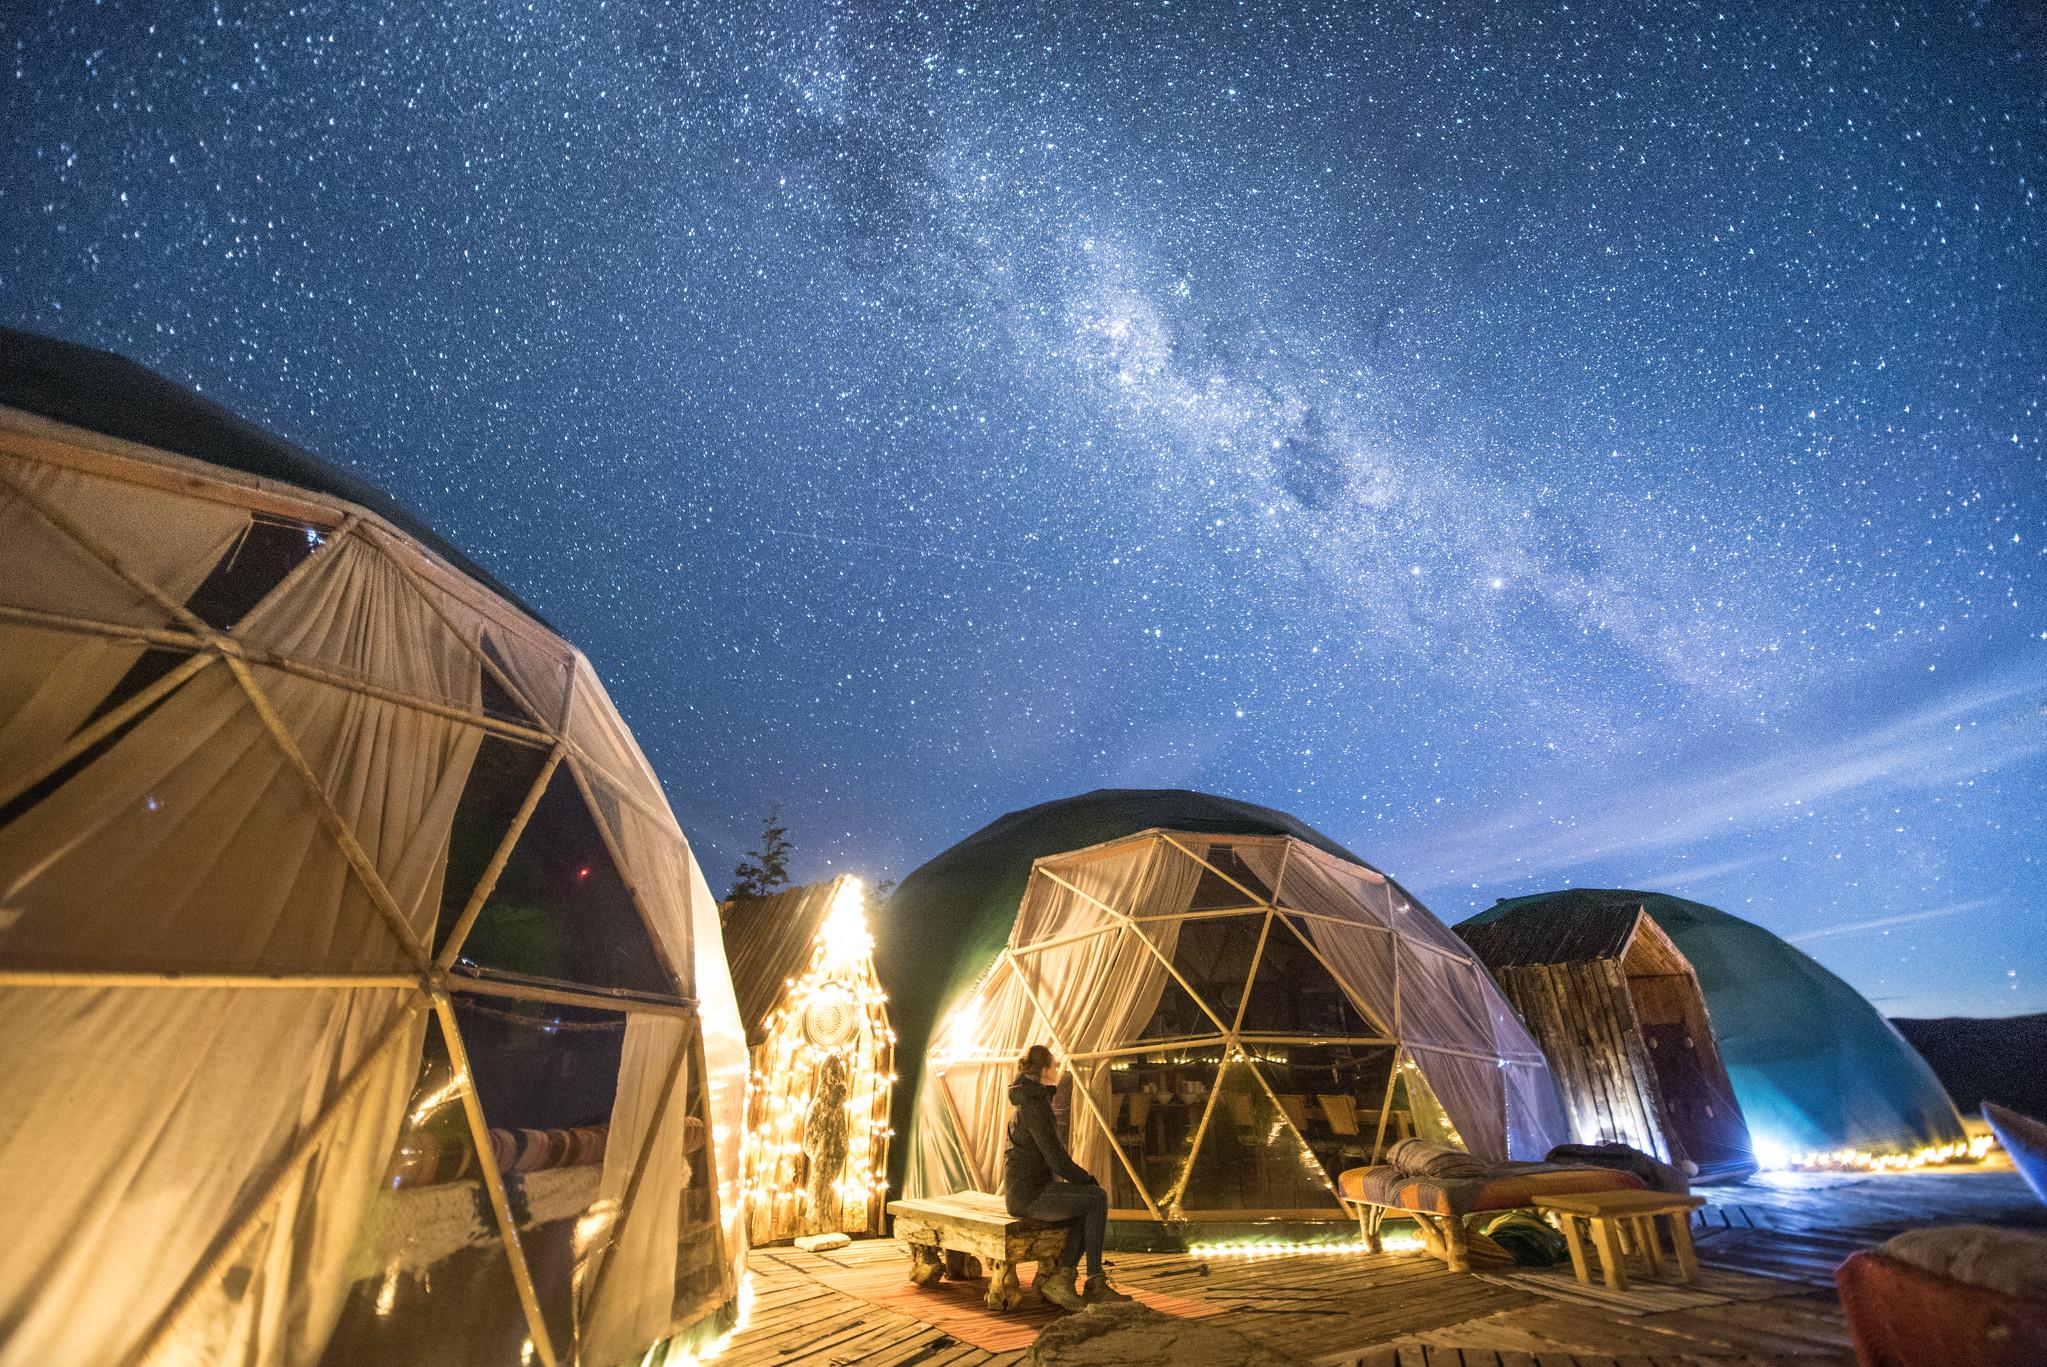 EcoCamp at night